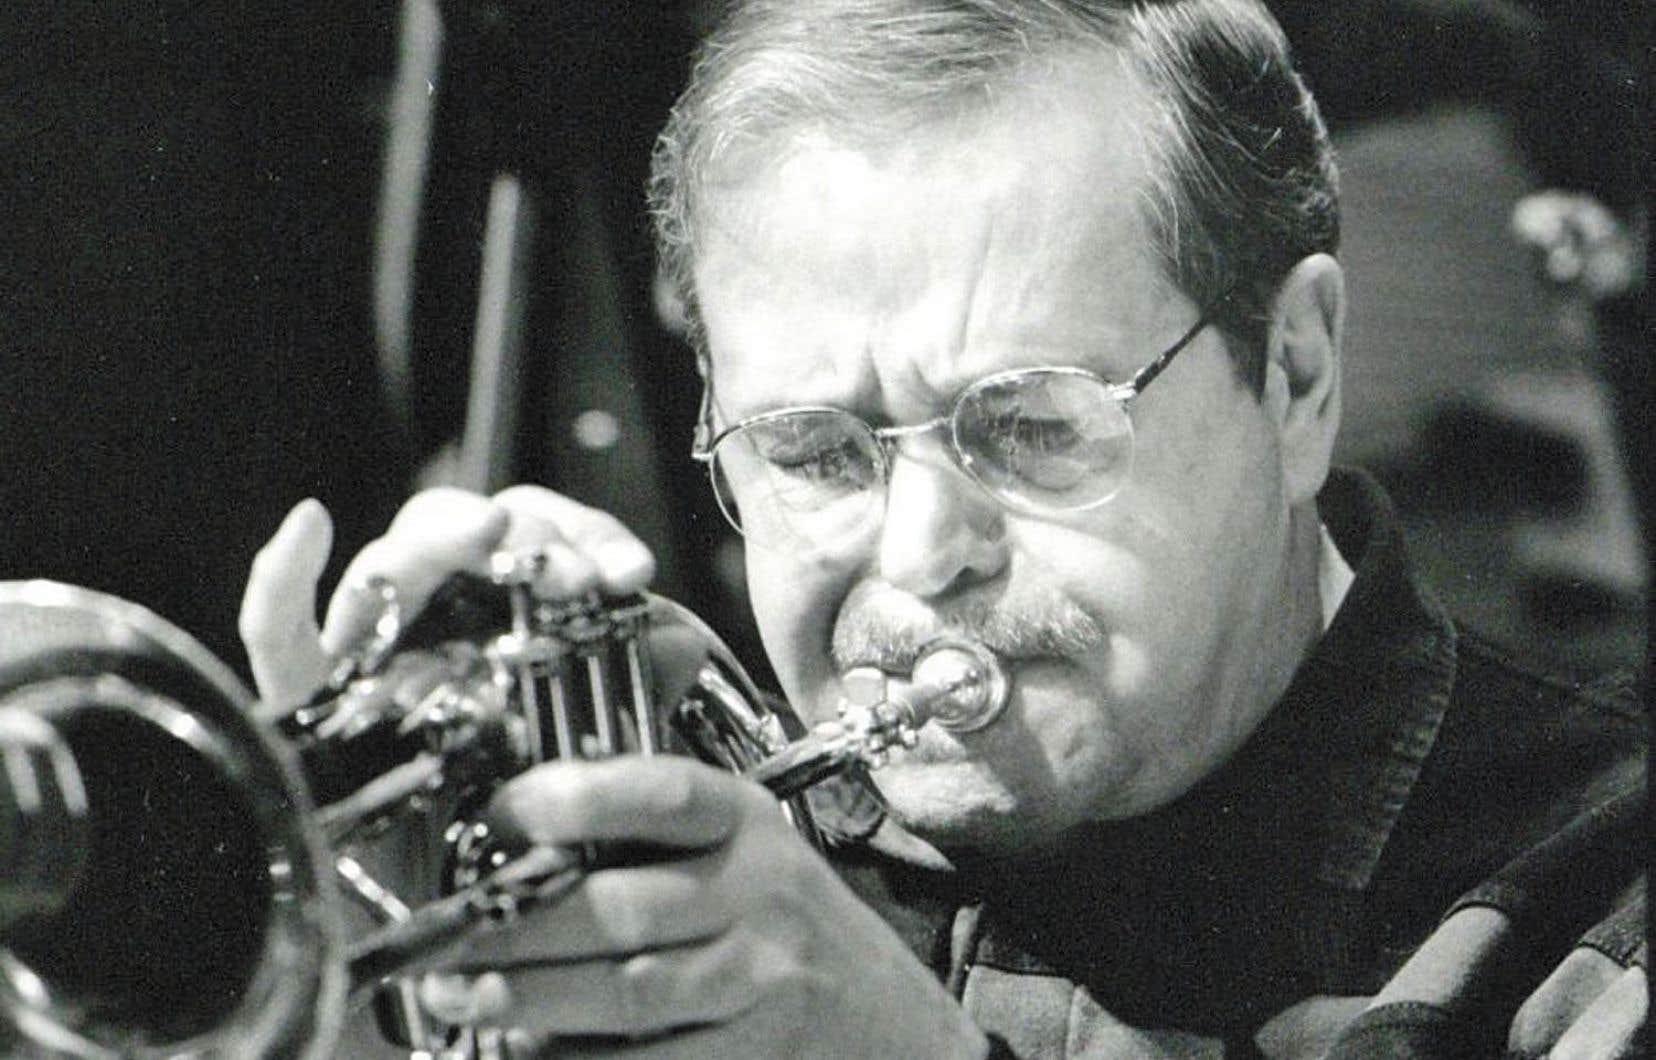 Le Hard Rubber Orchestra, propose un conte musical écrit pour lui par Wheeler (notre photo) un an avant son décès.